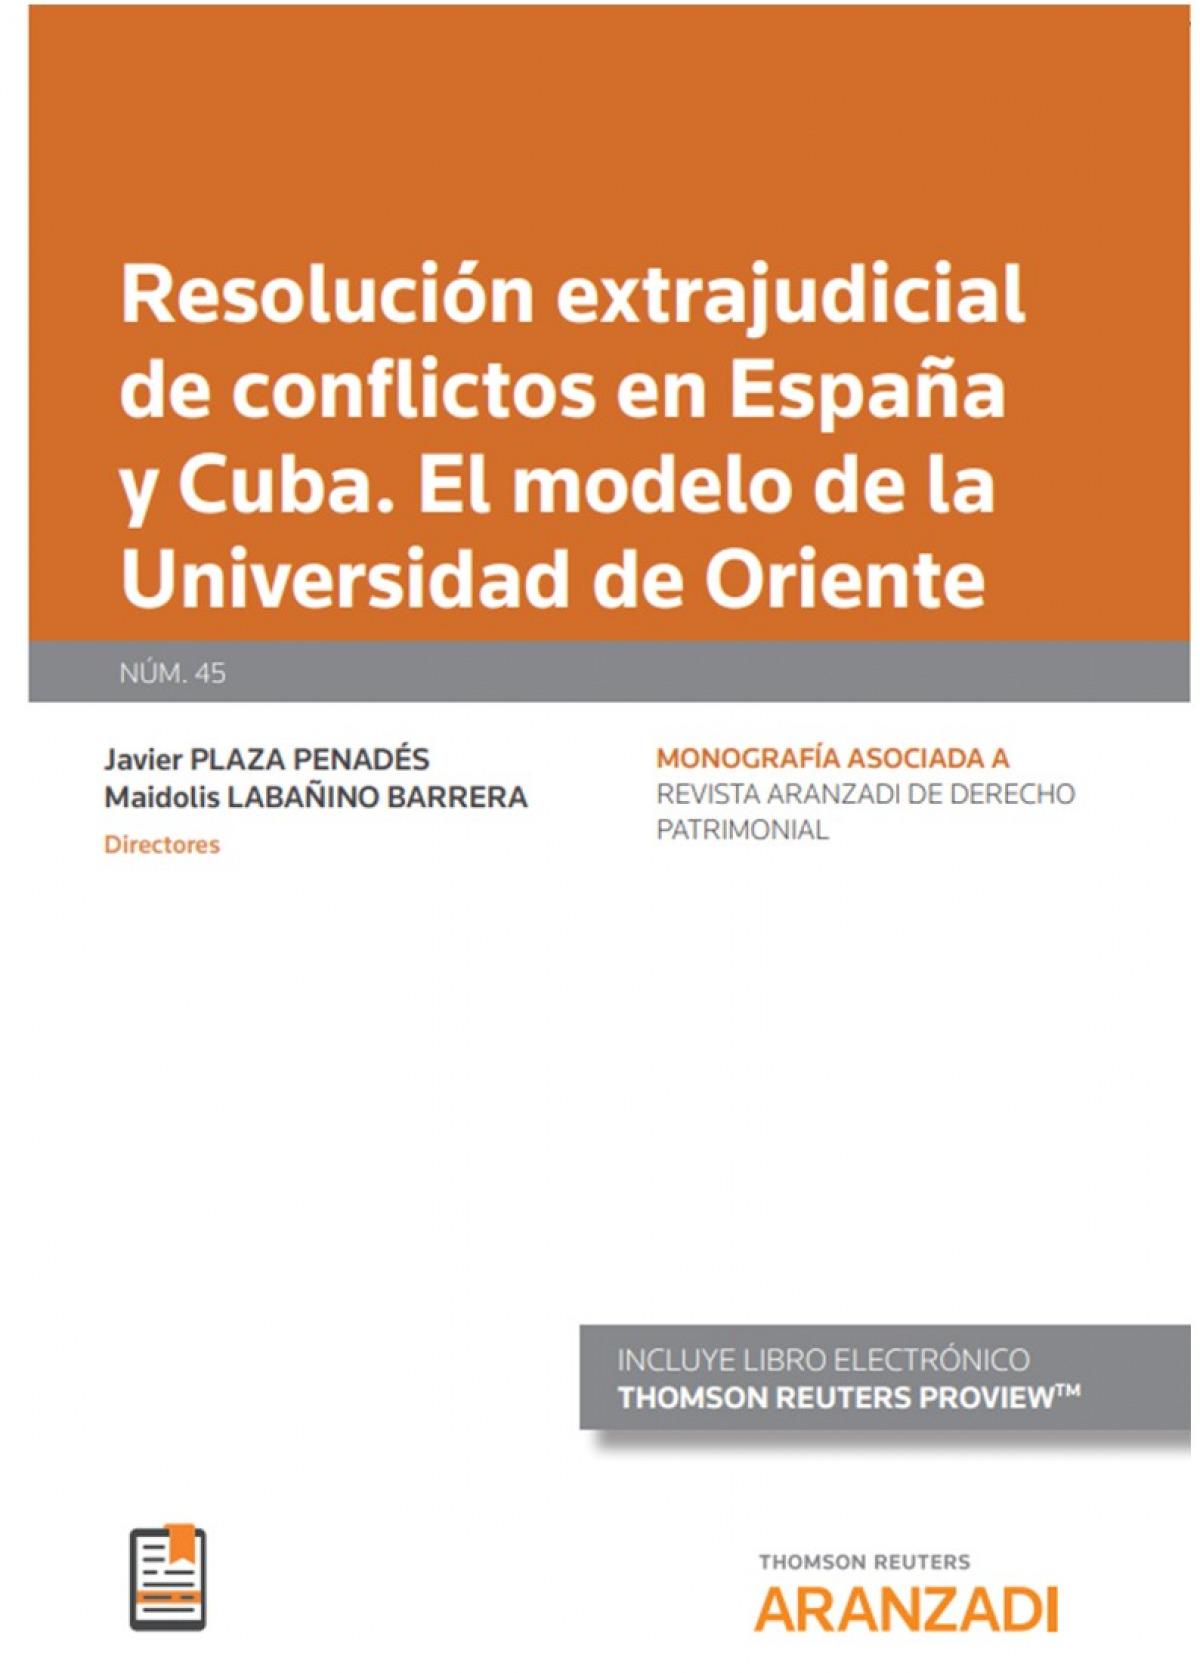 Resolución extrajudicial de conflictos en españa y cuba. 9788413455617